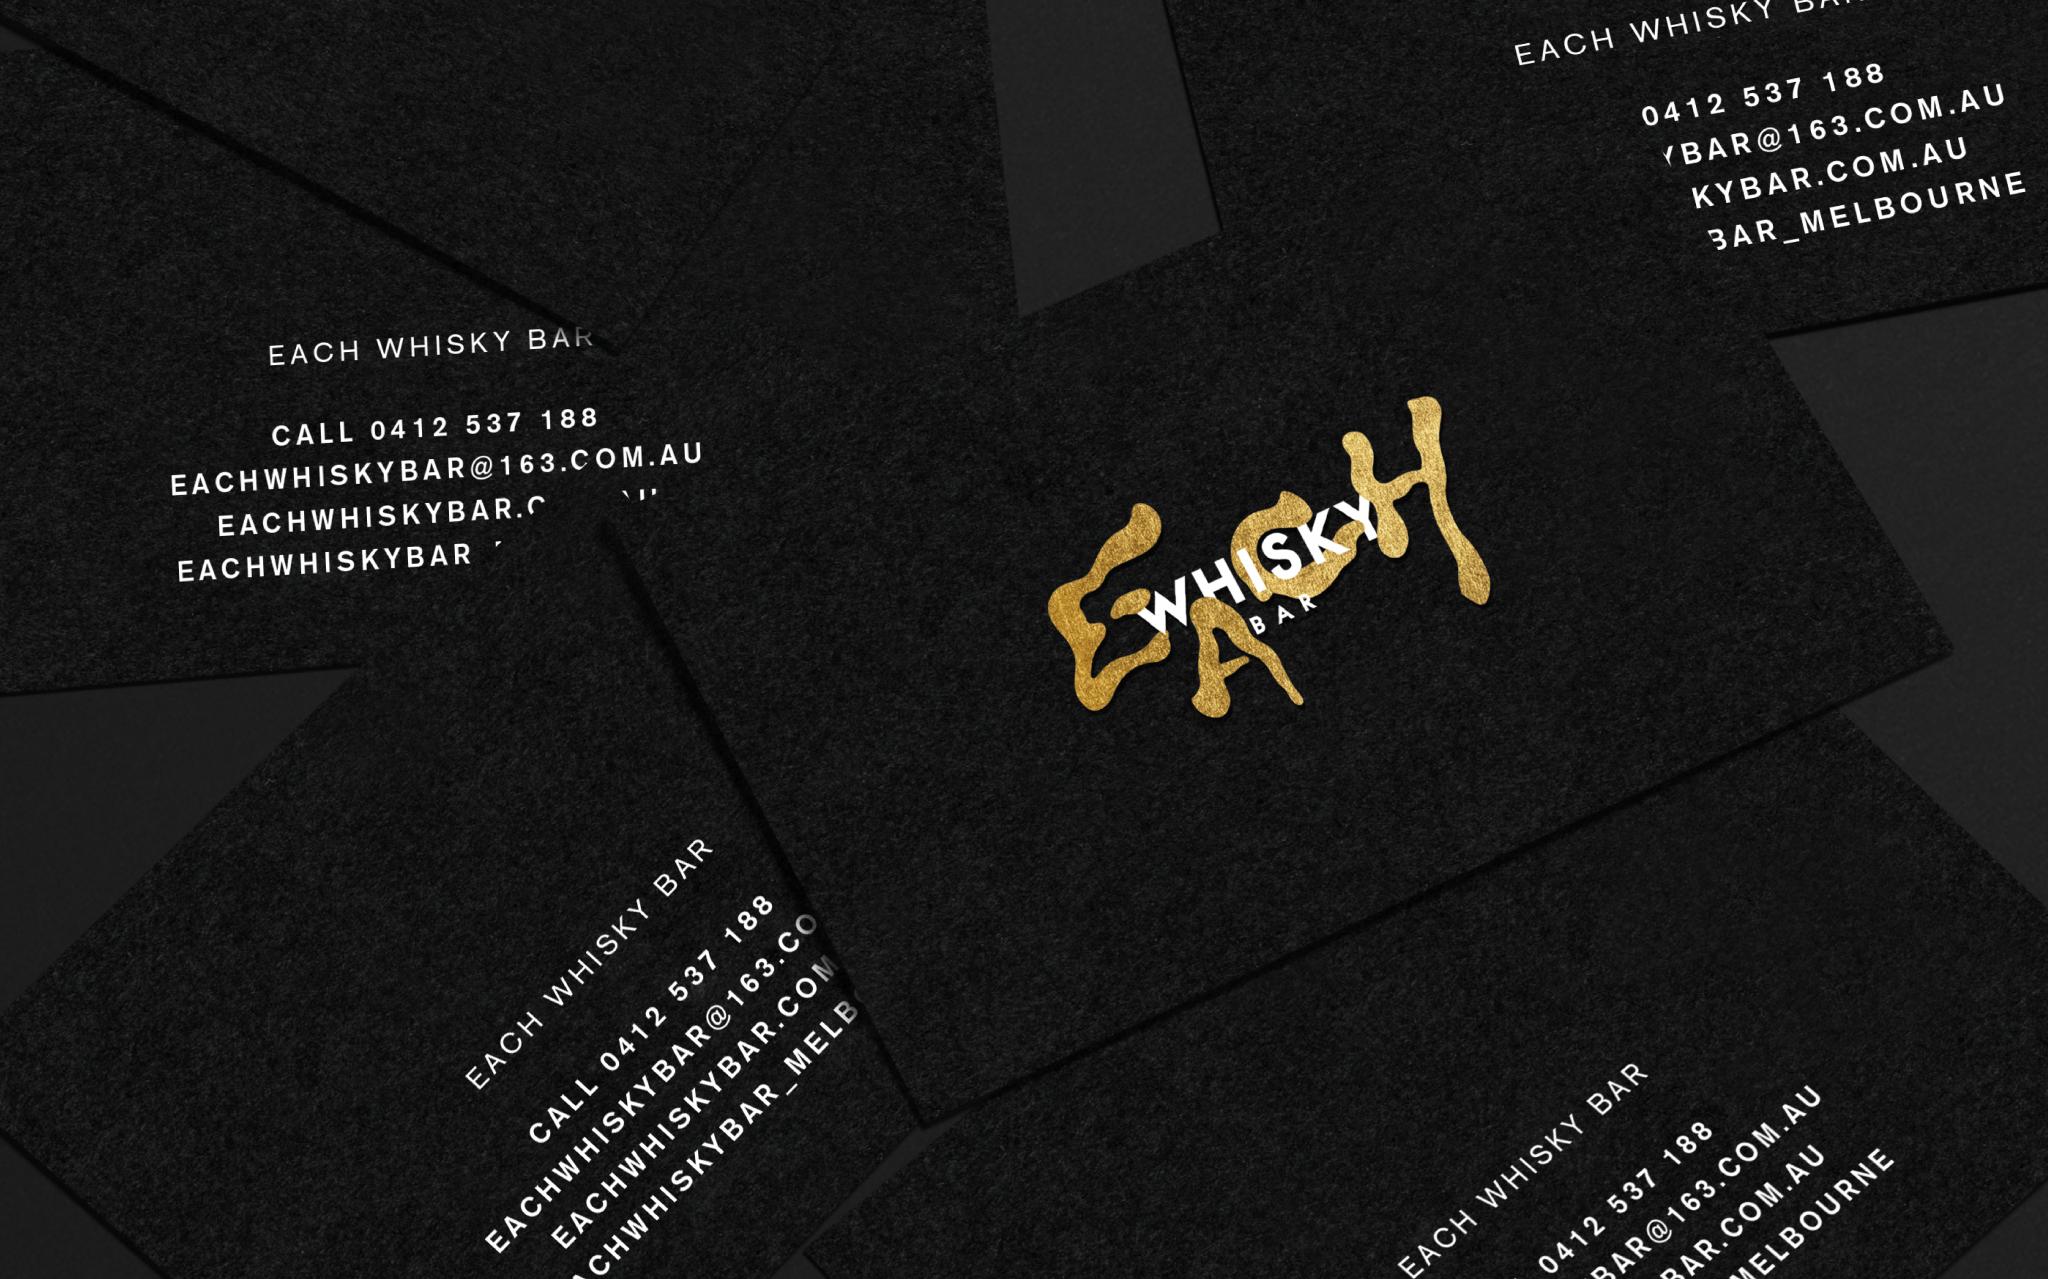 eachvi网页整理-09